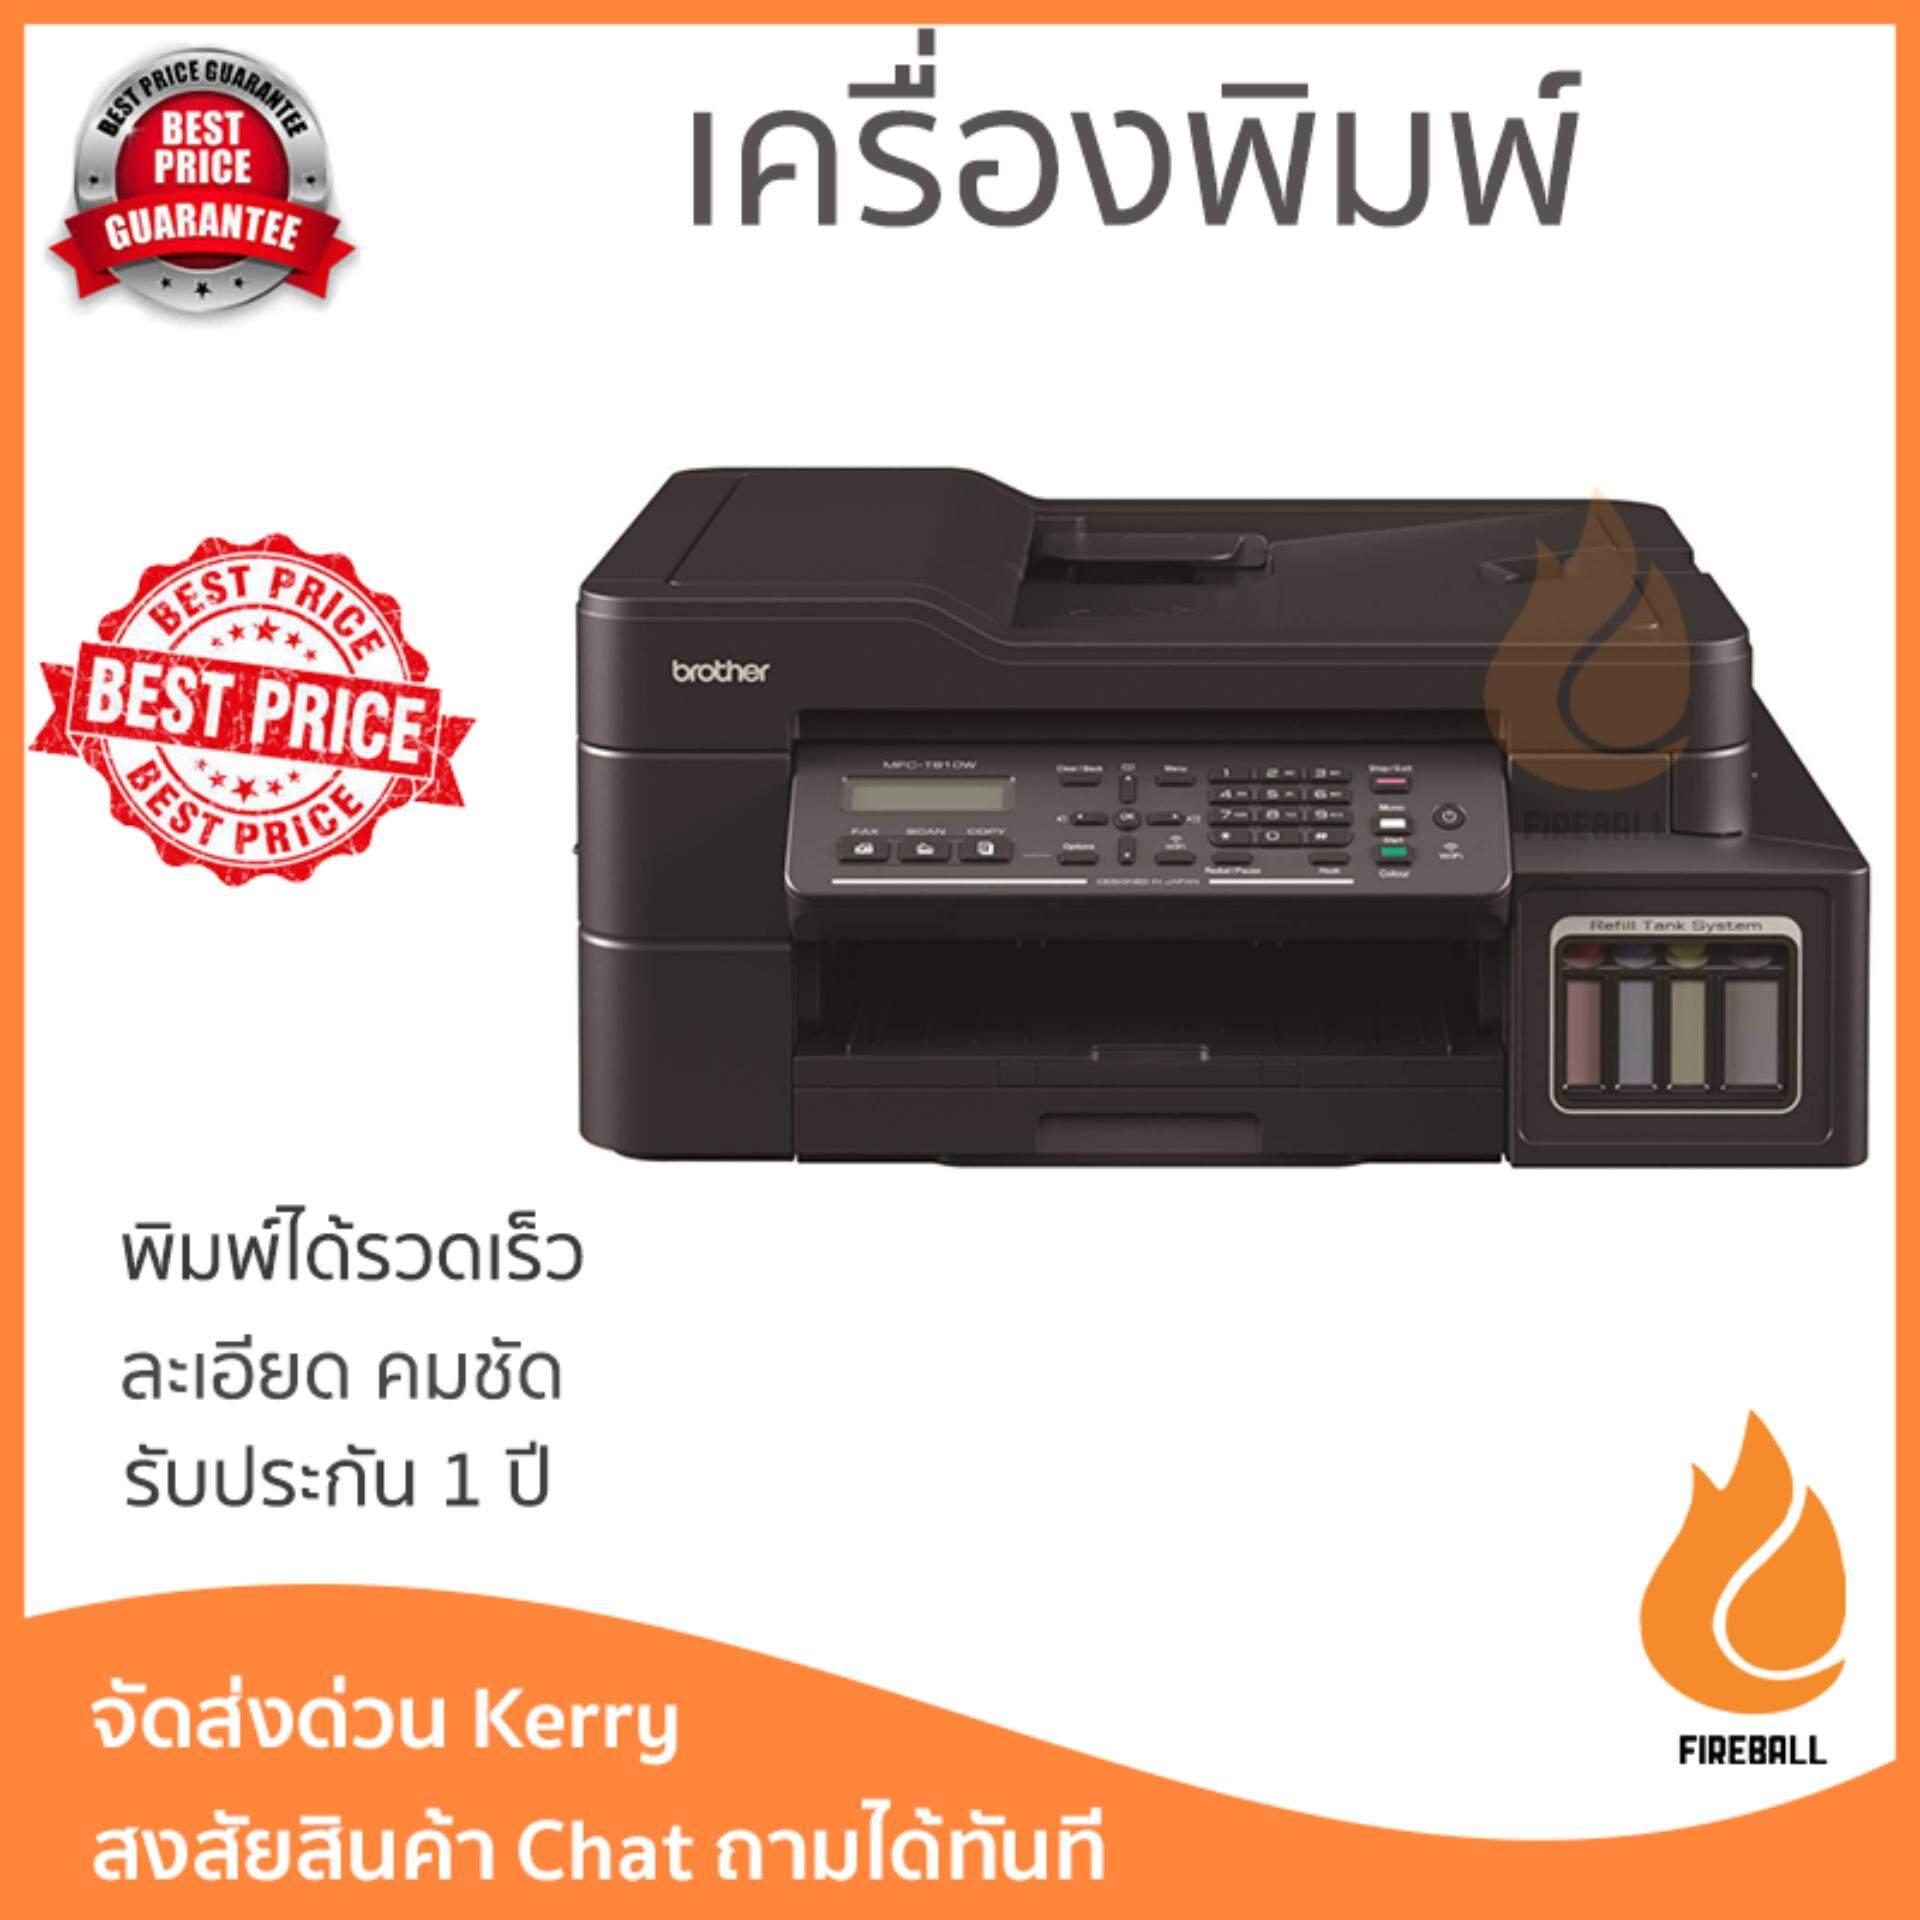 ลดสุดๆ โปรโมชัน เครื่องพิมพ์           BROTHER เครื่องพิมพ์อิงค์เจ็ท 4 IN1  (สีดำ) รุ่น MFC-T810W             ความละเอียดสูง คมชัด ประหยัดหมึก เครื่องปริ้น เครื่องปริ้นท์ All in one Printer รับประกันส